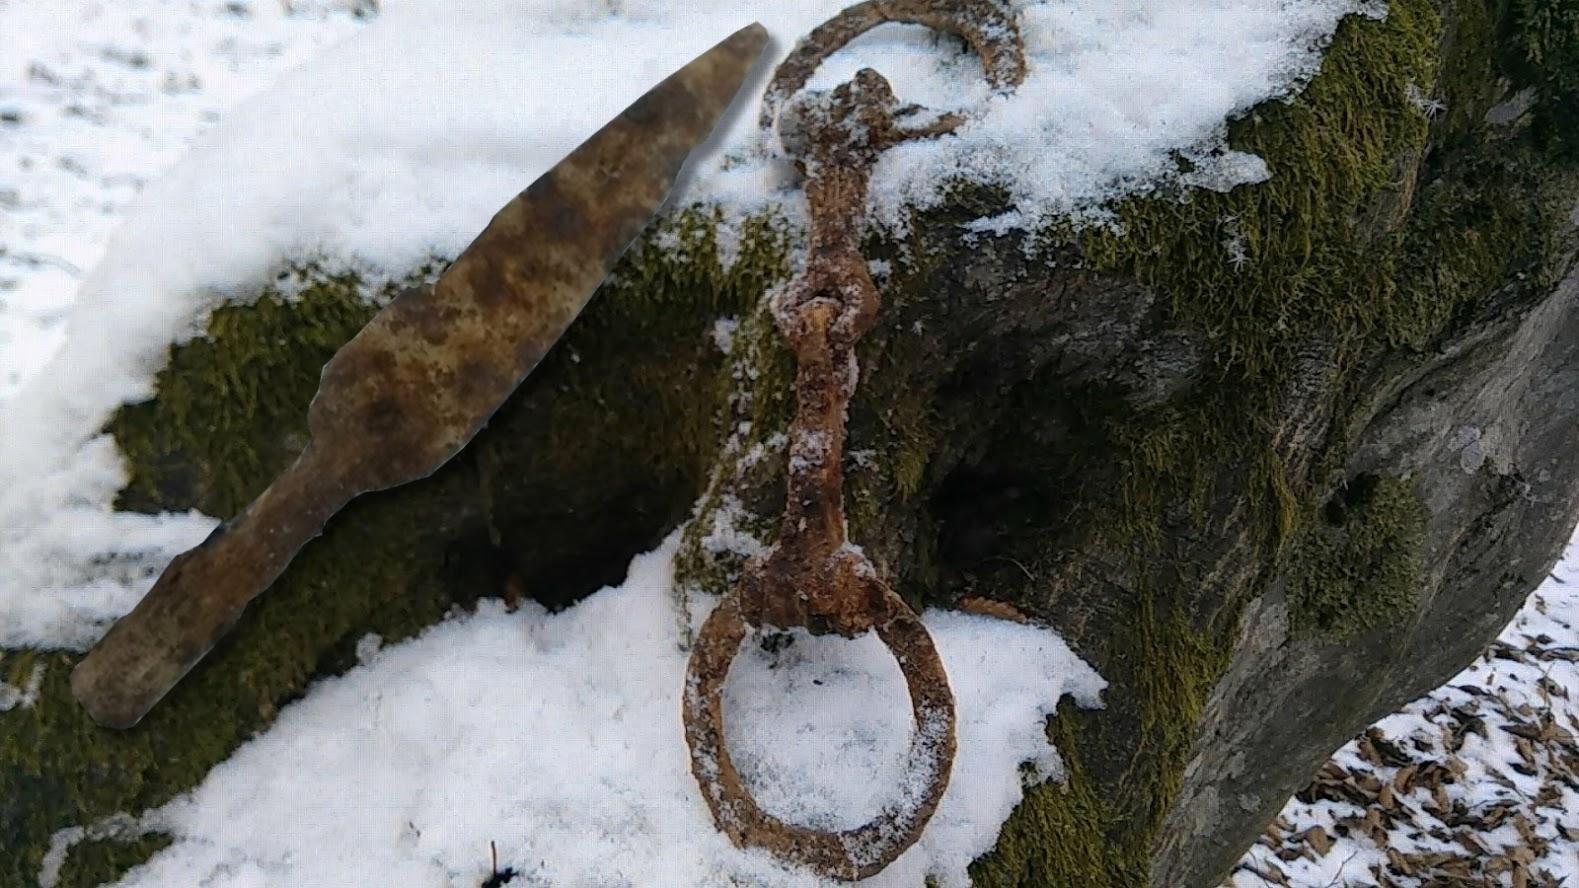 Video-Detectie medievala de iarna - Detectie de metale Bistrita